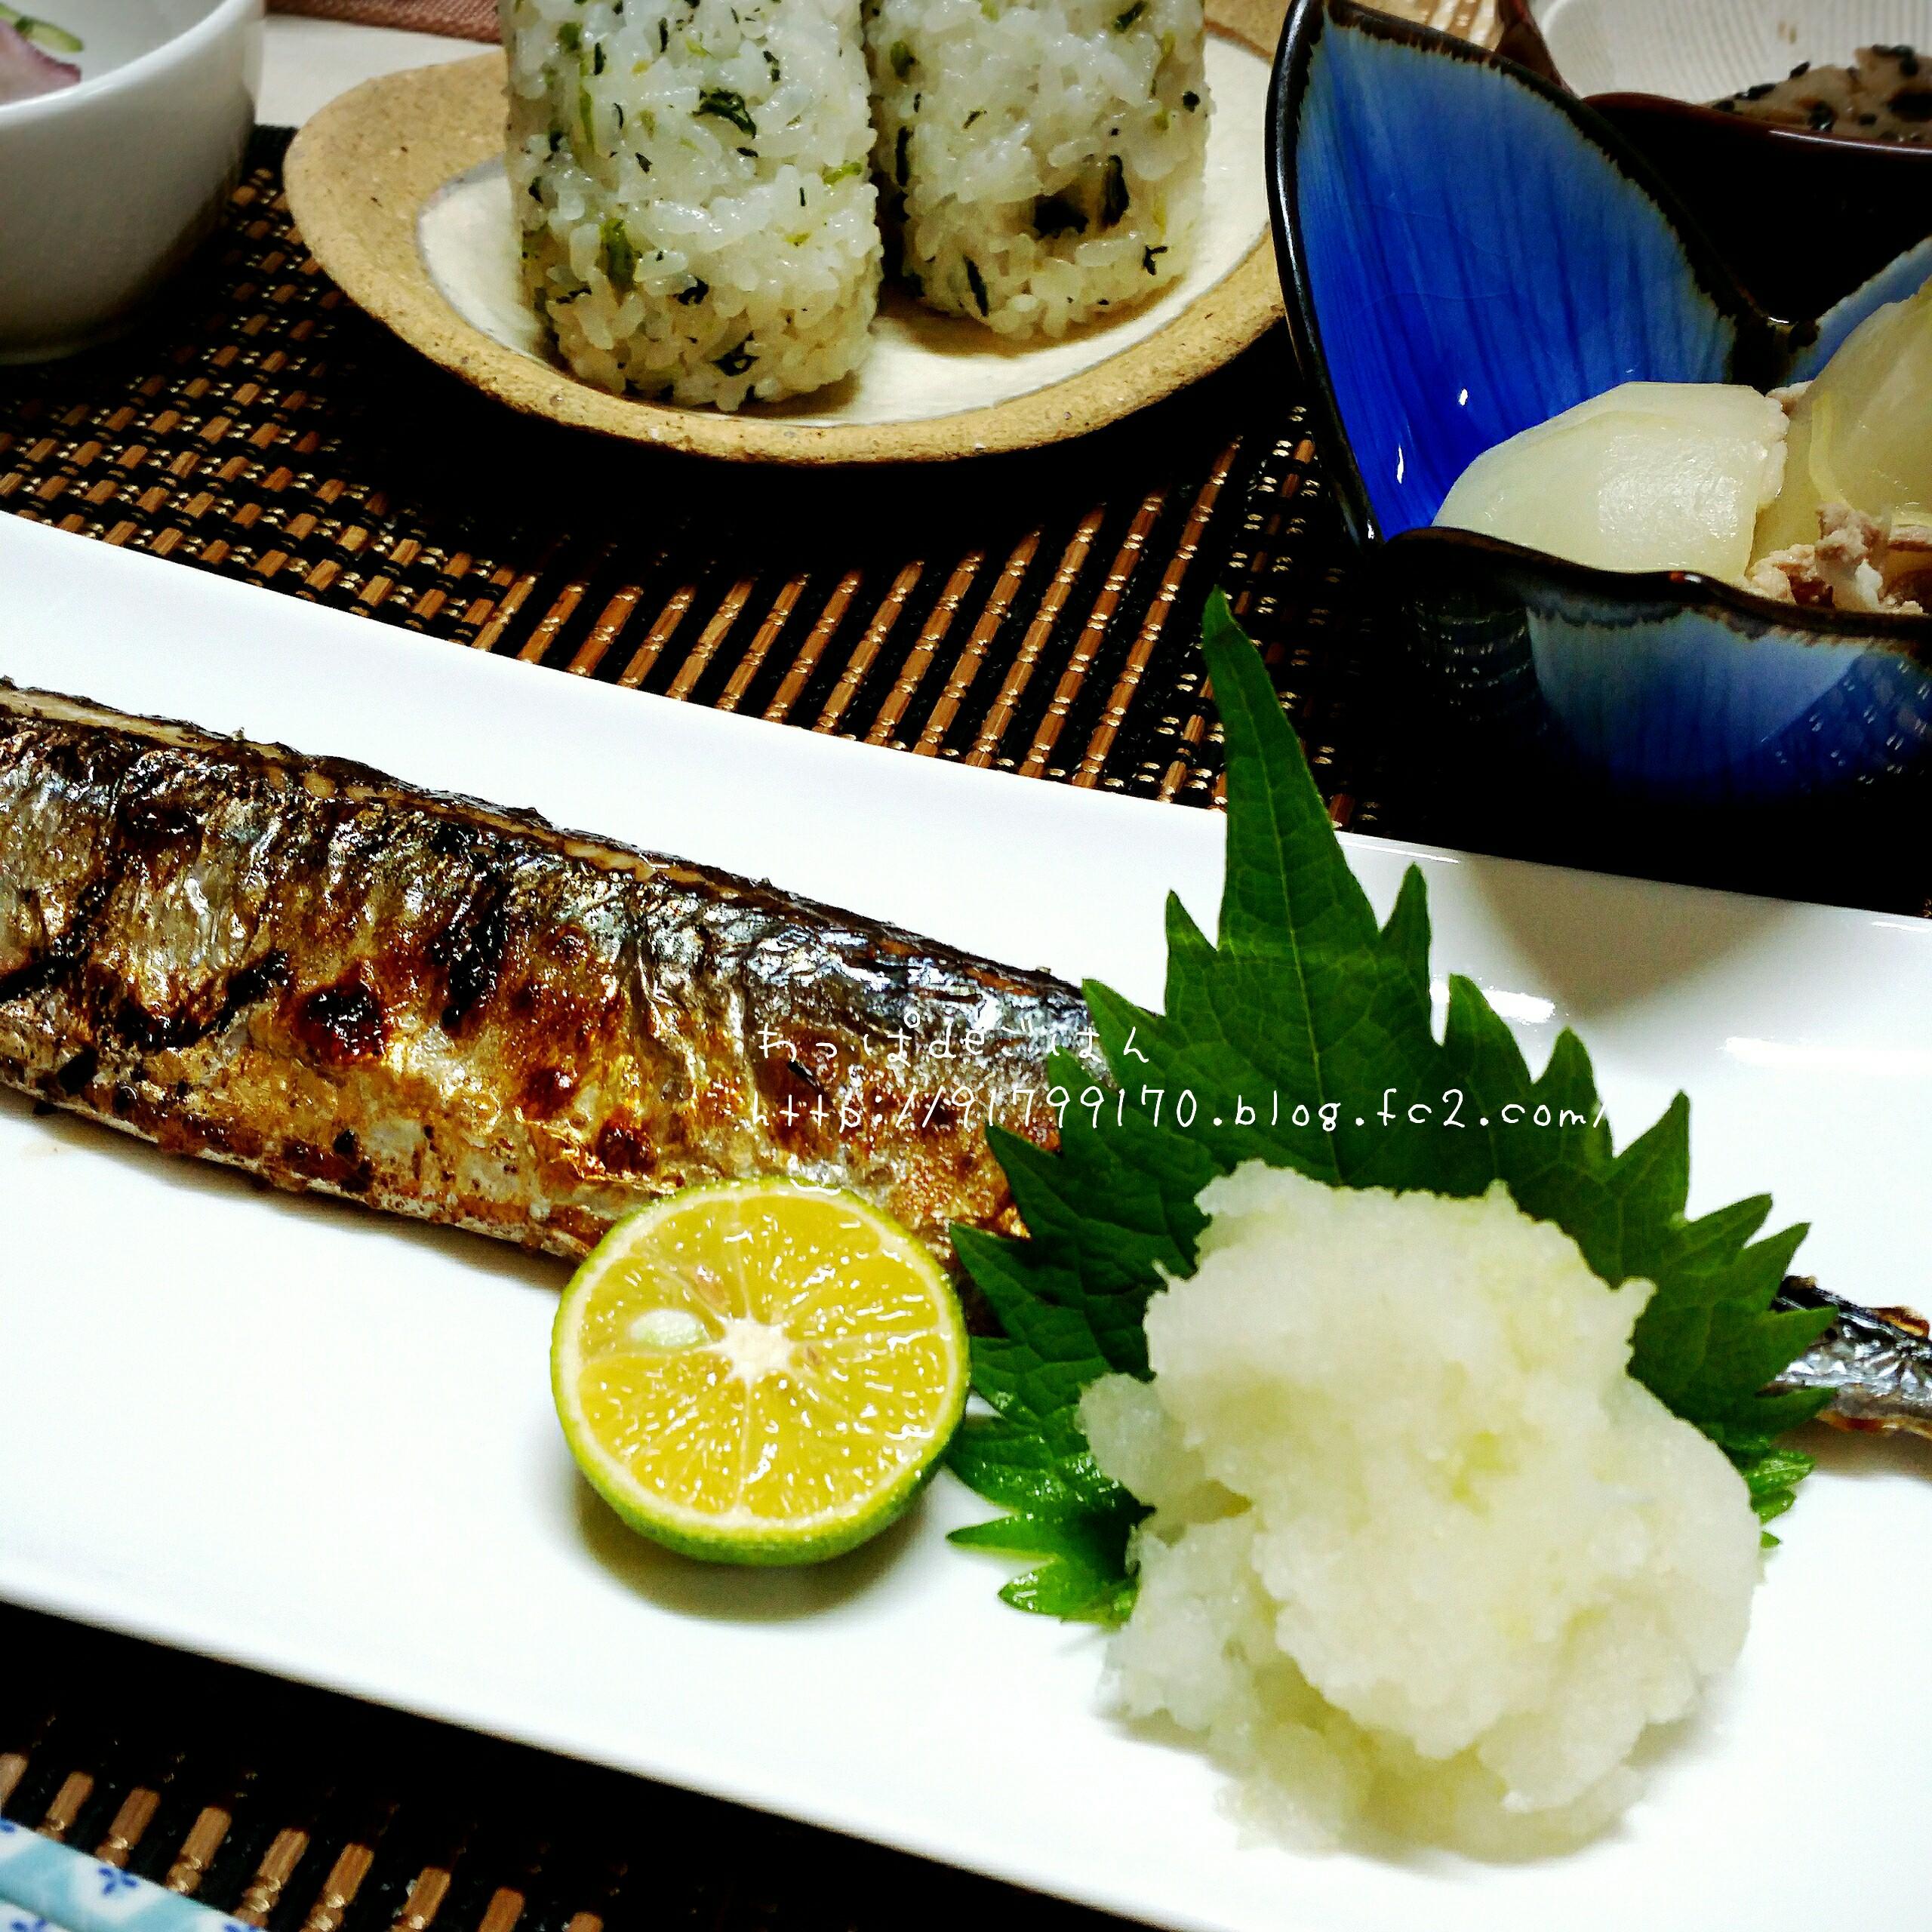 秋刀魚の塩焼きの晩ごはん